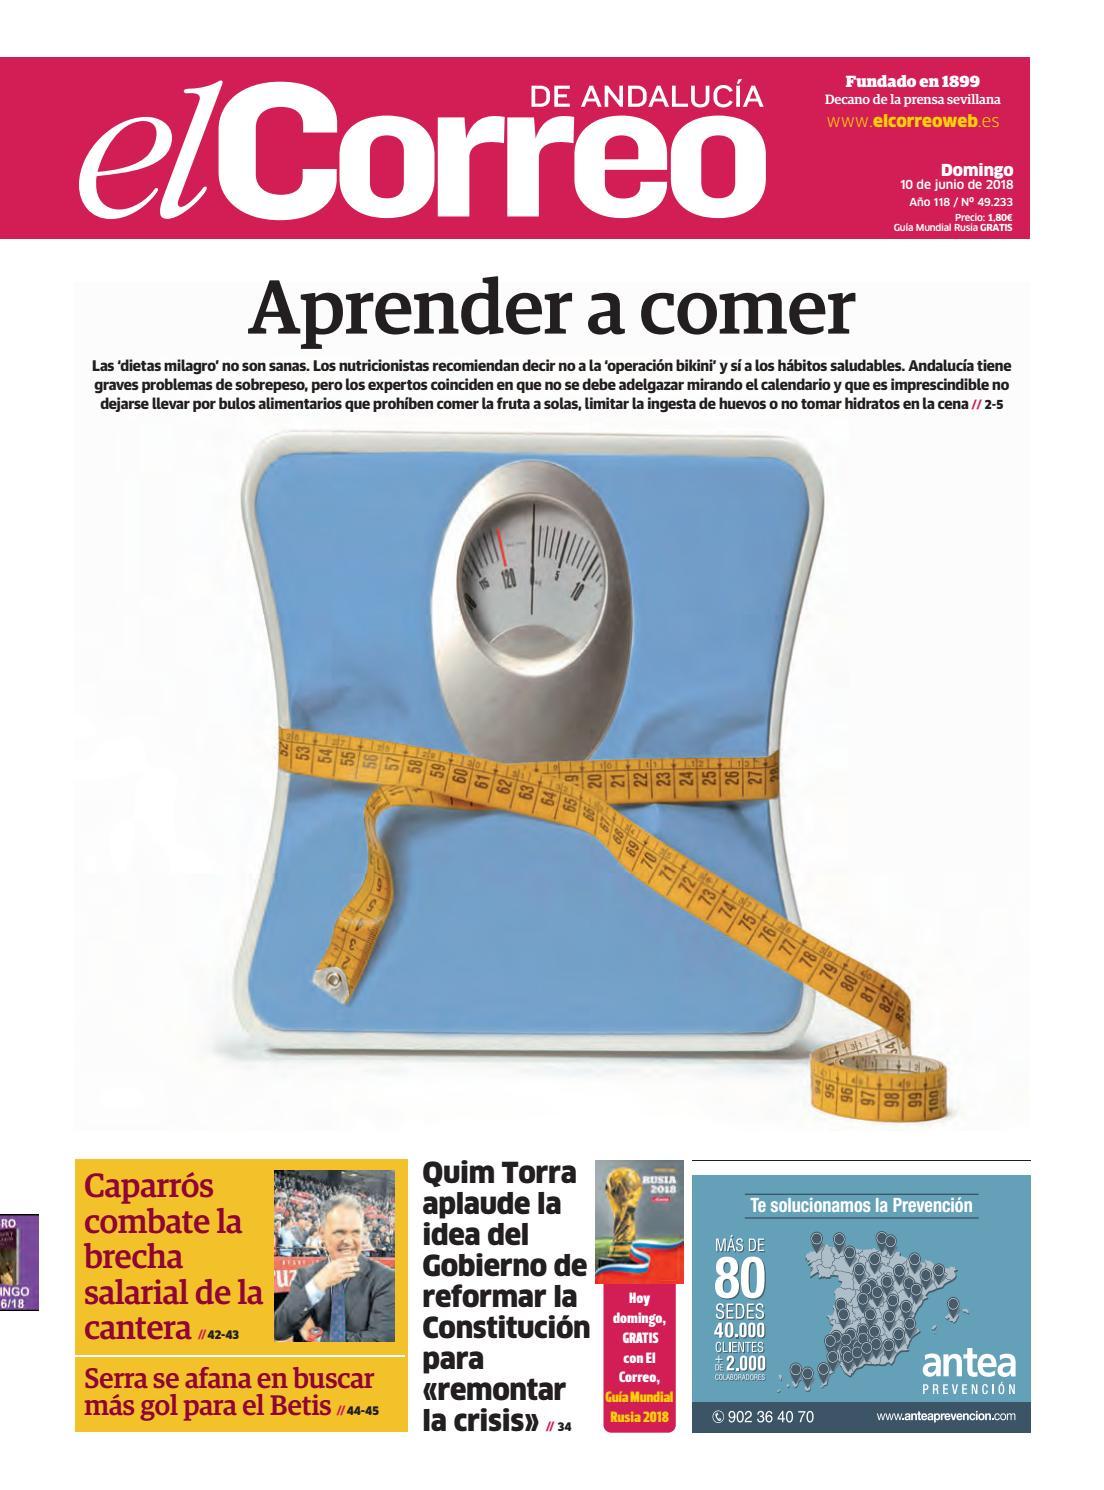 eb4496848e 10.06.2018 El Correo de Andalucía by EL CORREO DE ANDALUCÍA S.L. - issuu